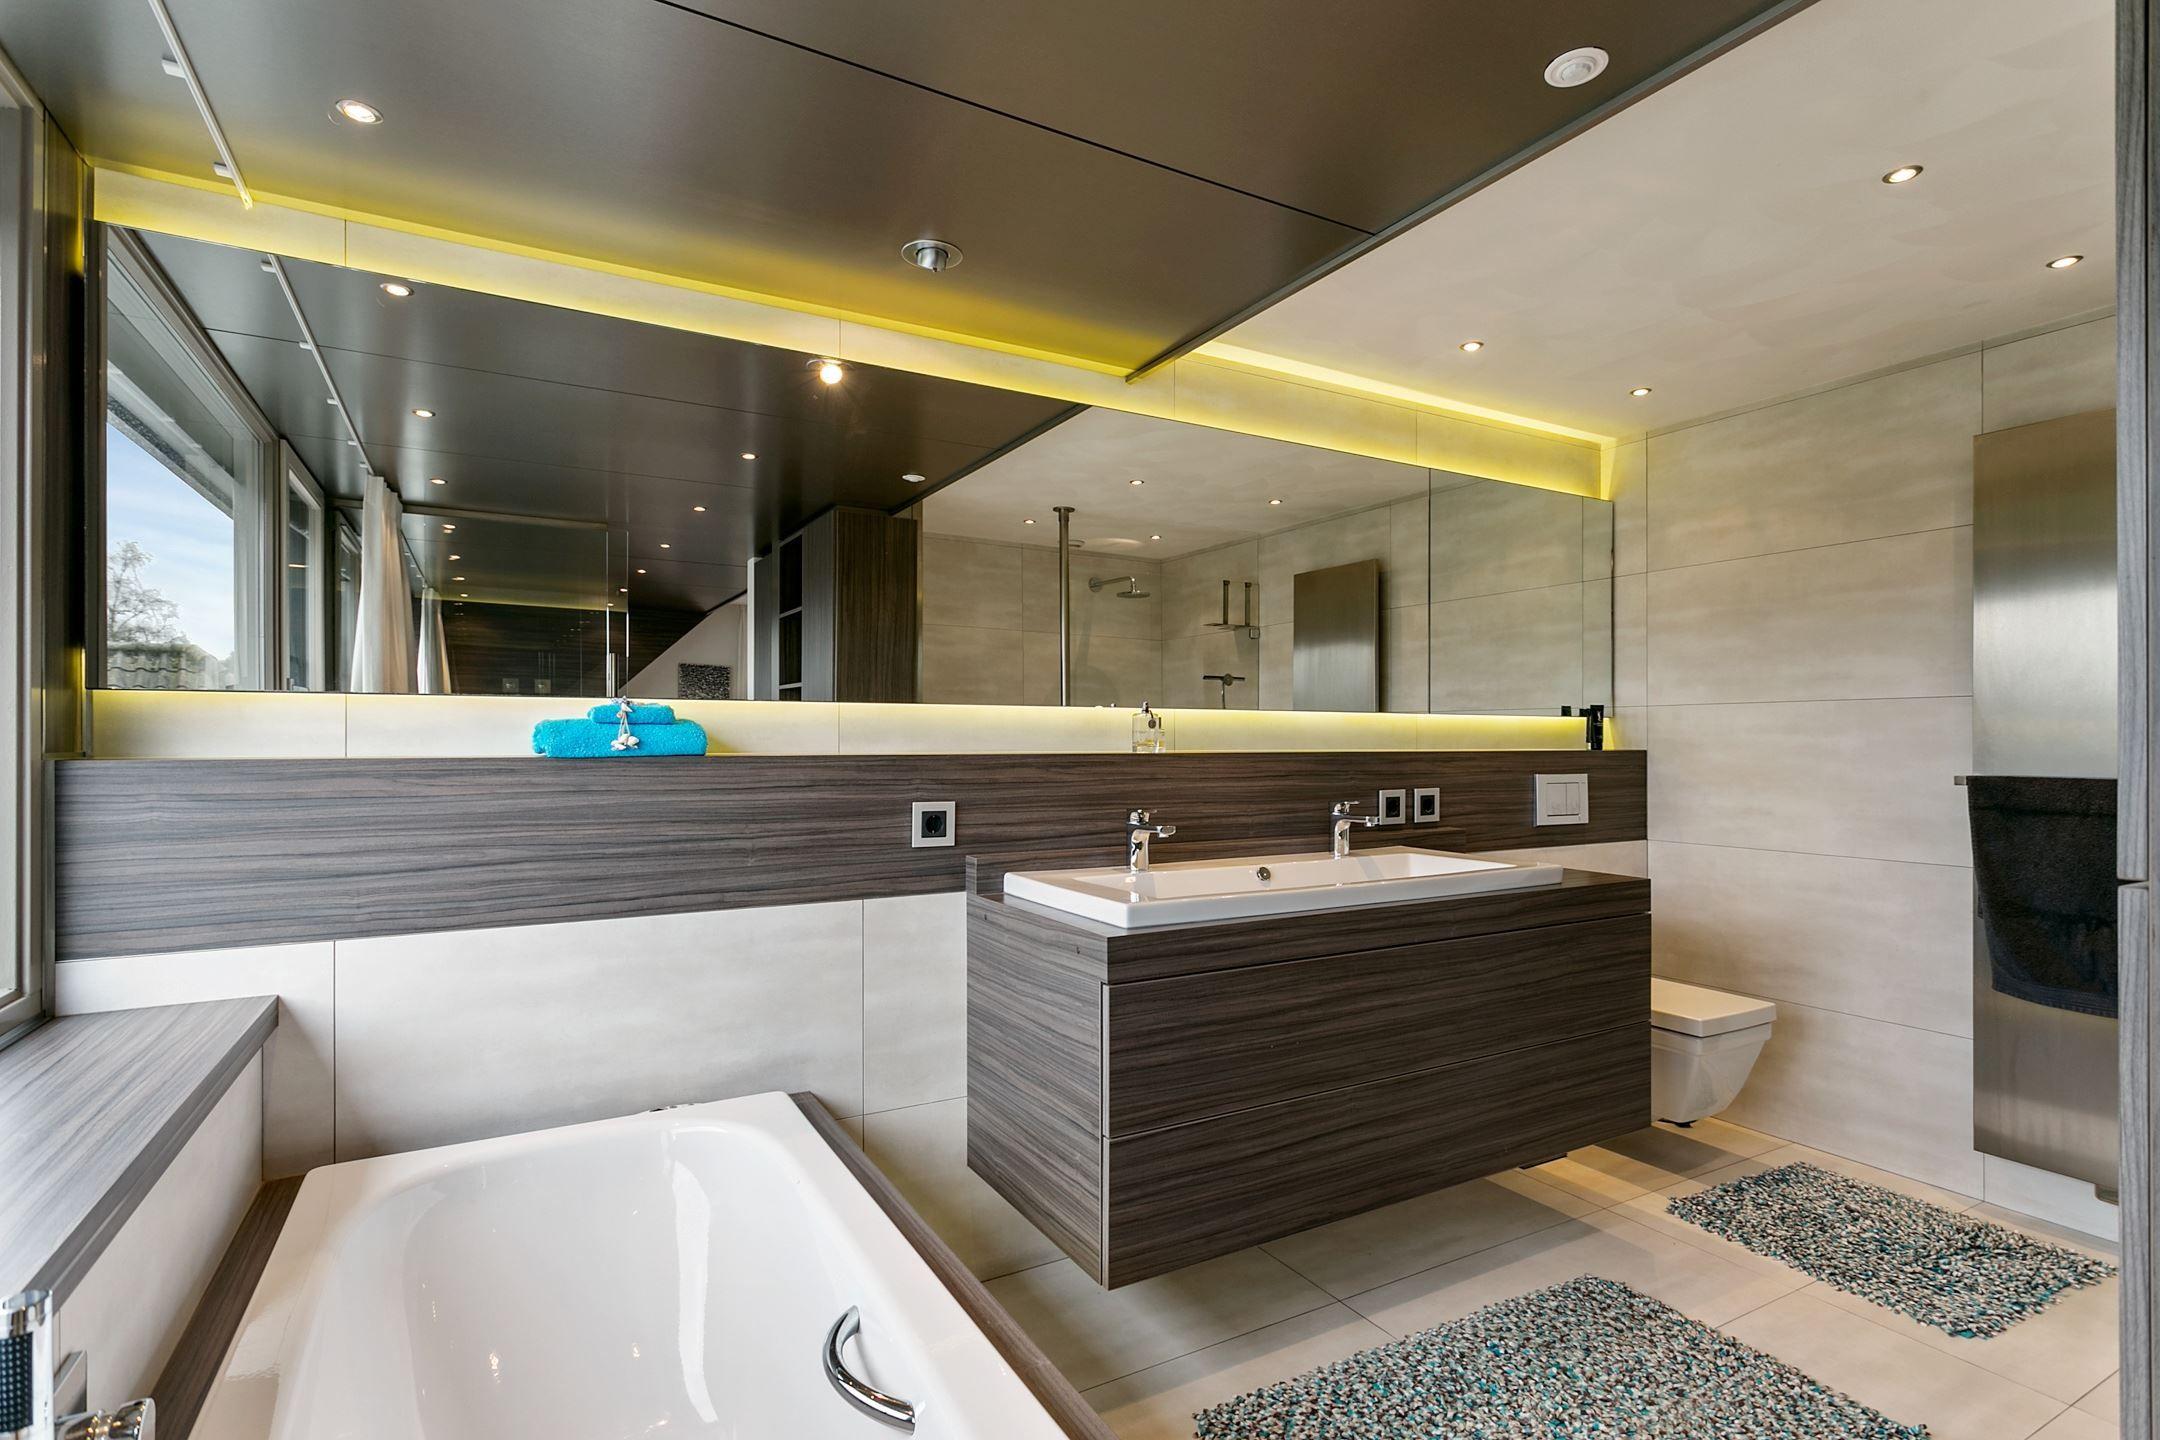 Verlichting Badkamer Led : Luxe badkamer led verlichting luxe badkamers pinterest luxe